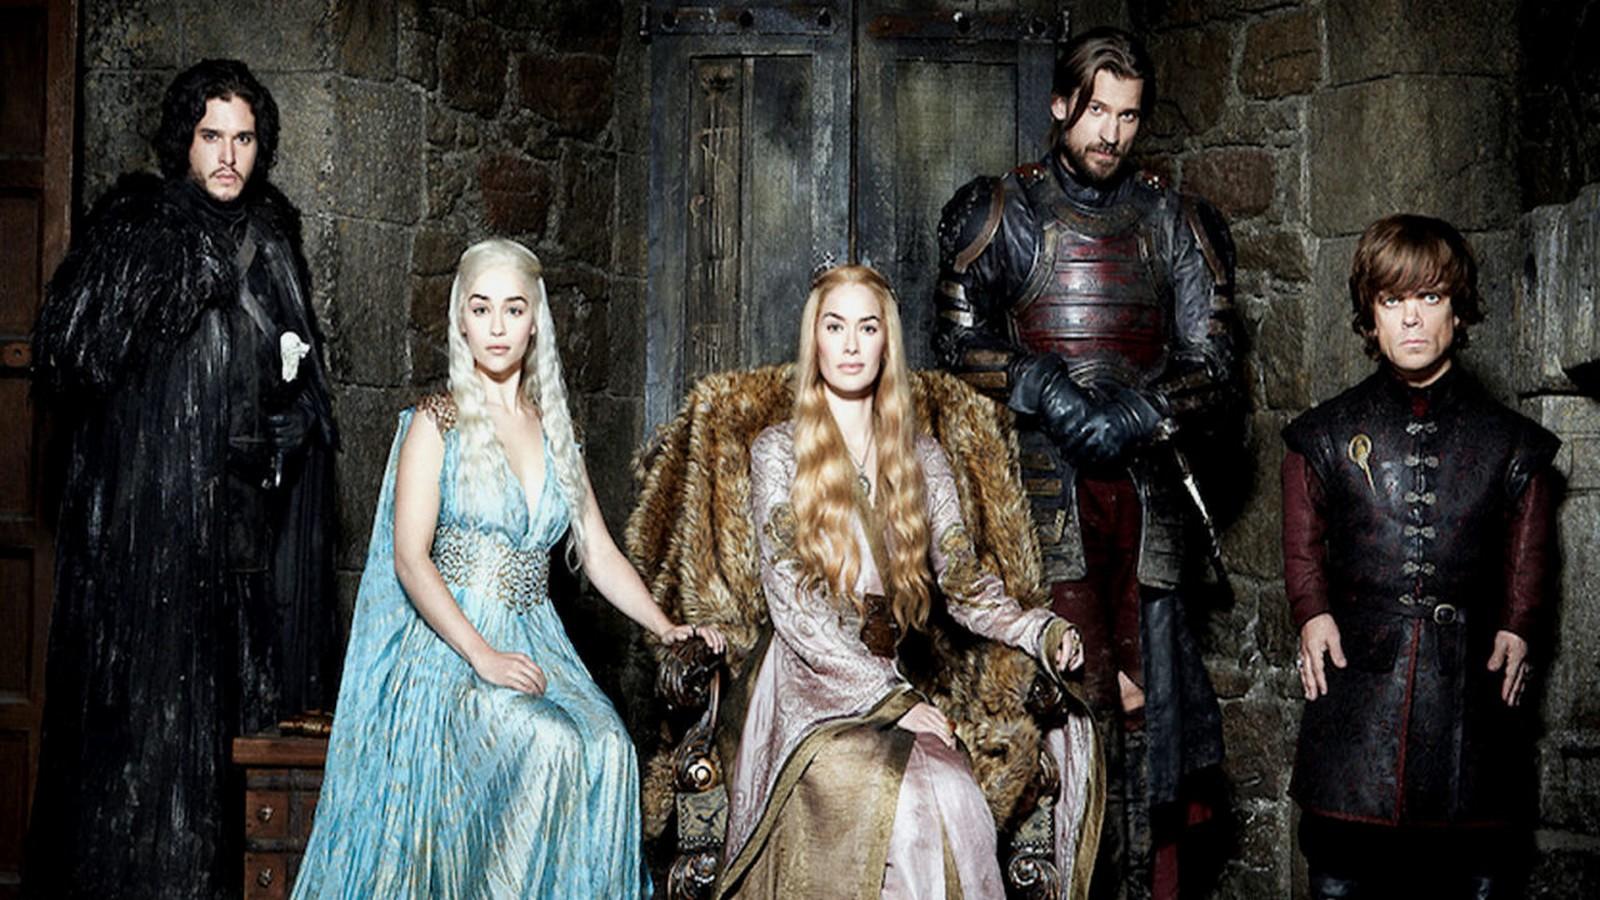 Vídeo: Teste seus conhecimentos: Quanto você sabe sobre 'Game of Thrones'?